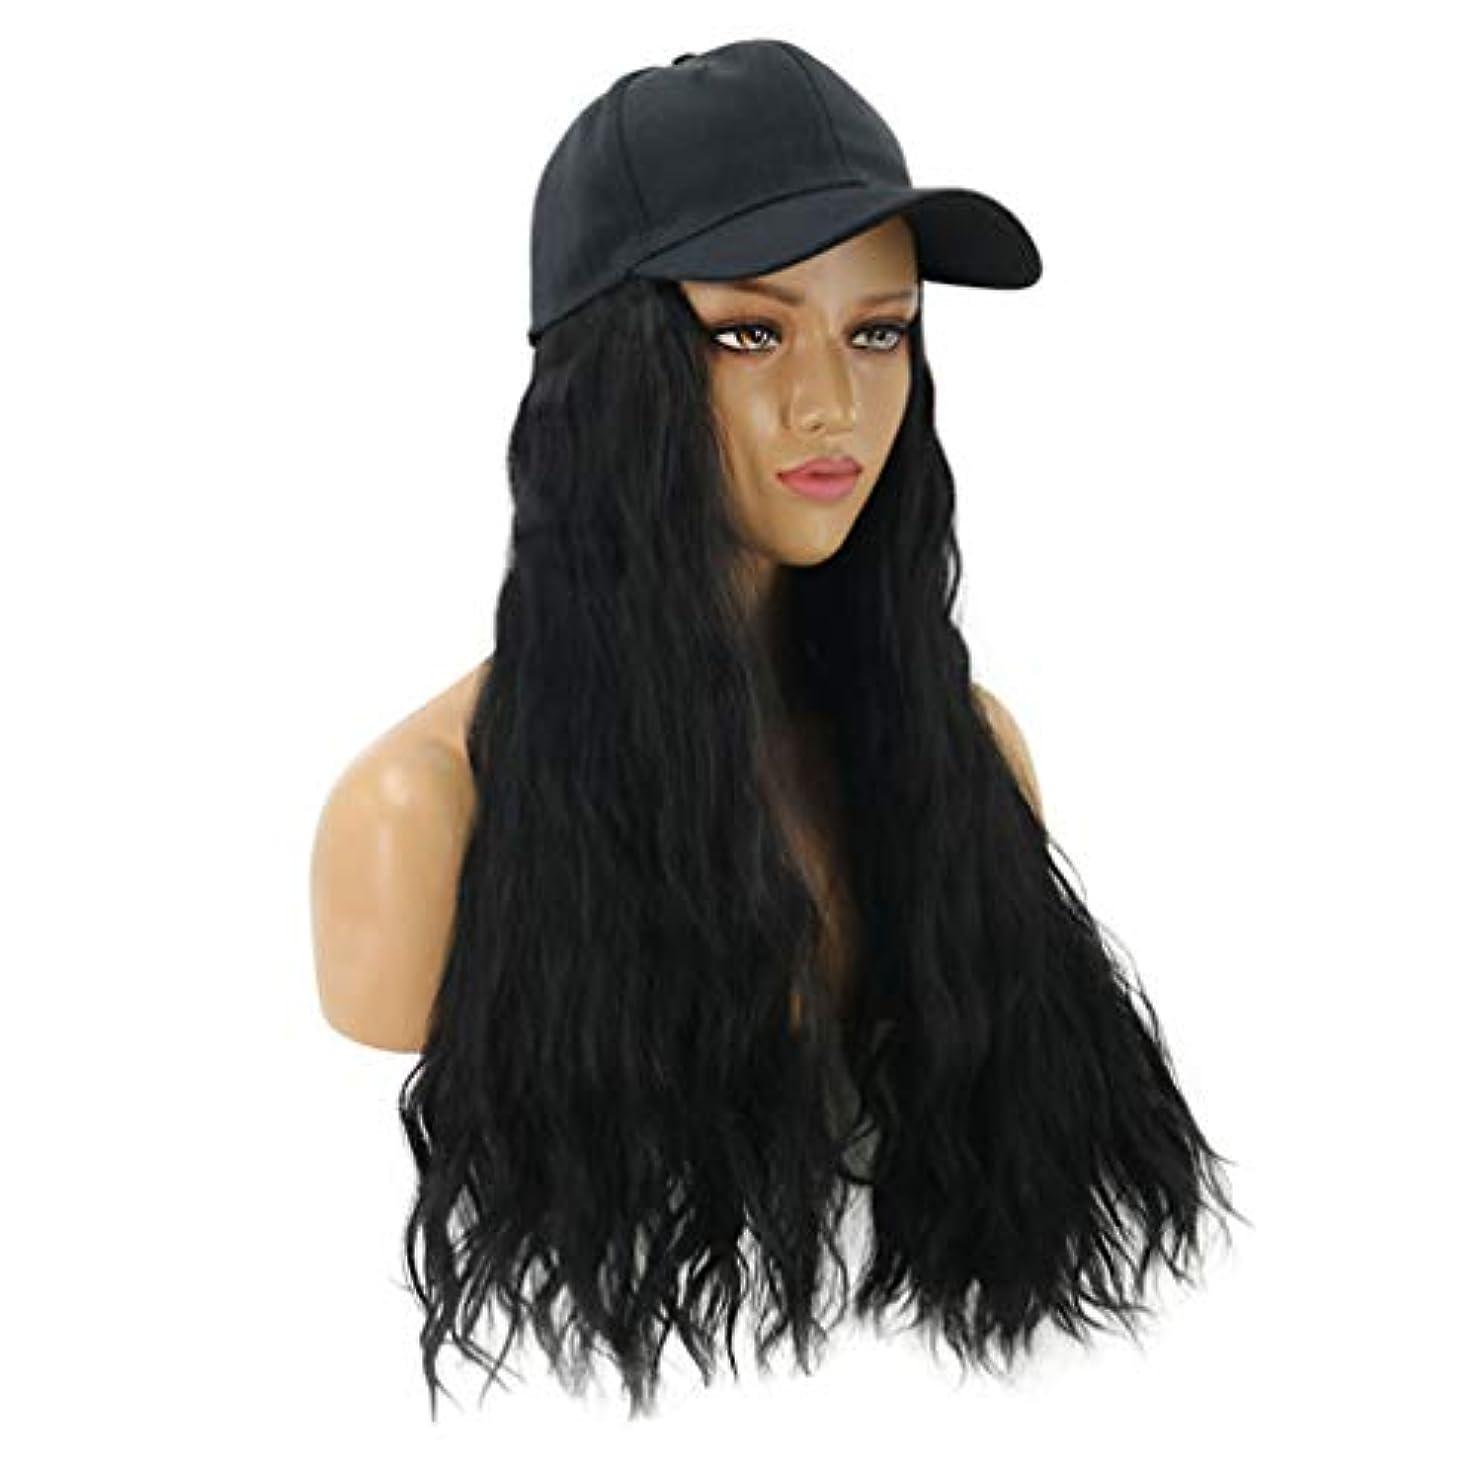 クランプ自然公園コード女性クリエイティブロングカーリー波状高温シルクシルクフード付き黒かつら野球キャップロングヘア野球キャップボールキャップカジュアル帽子かつら